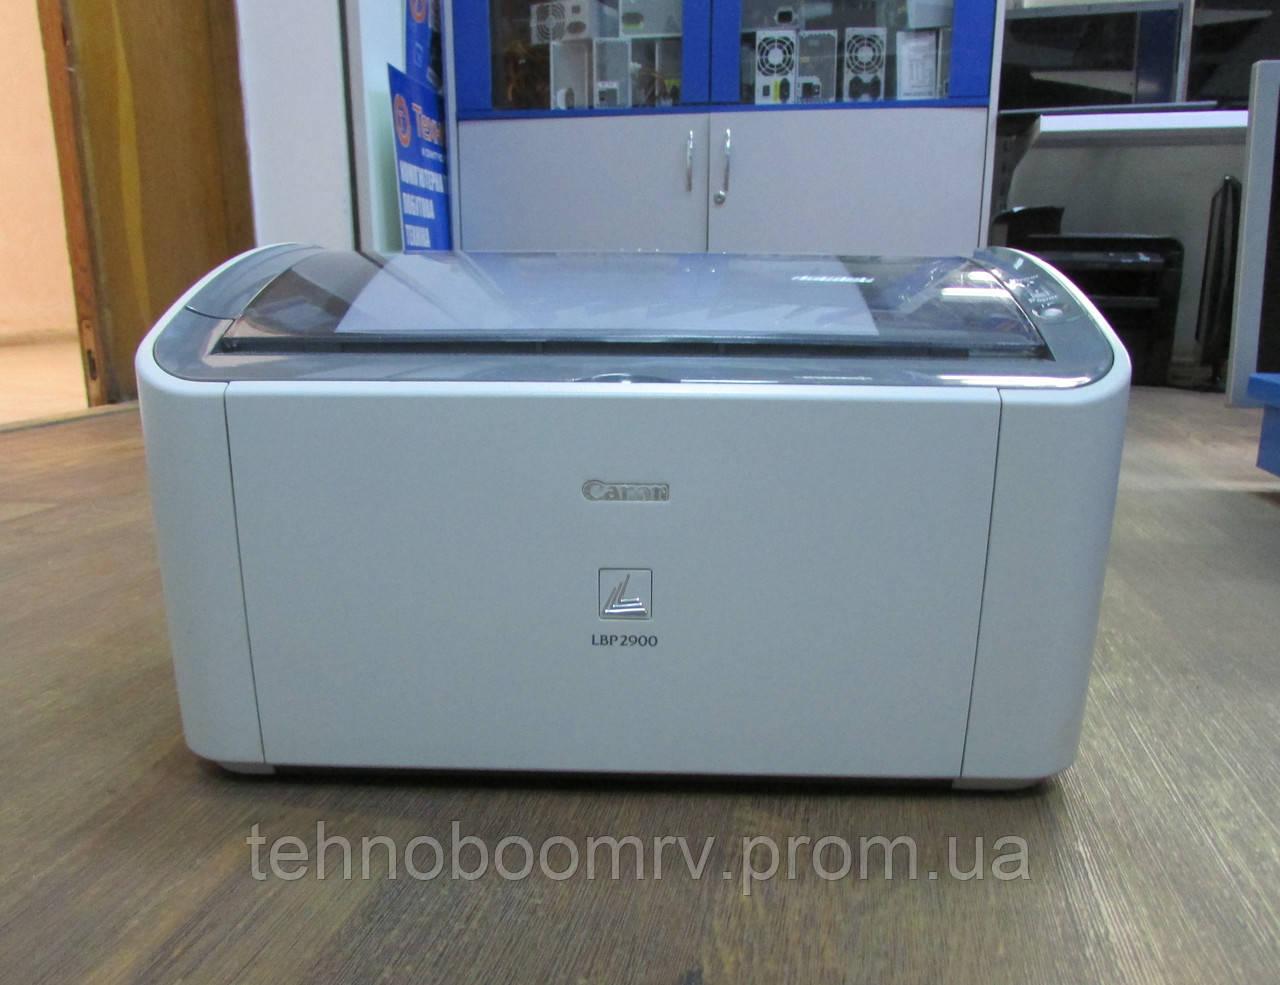 Лазерный принтер Canon i-SENSYS LBP-2900 - ч/б 12стр/мин